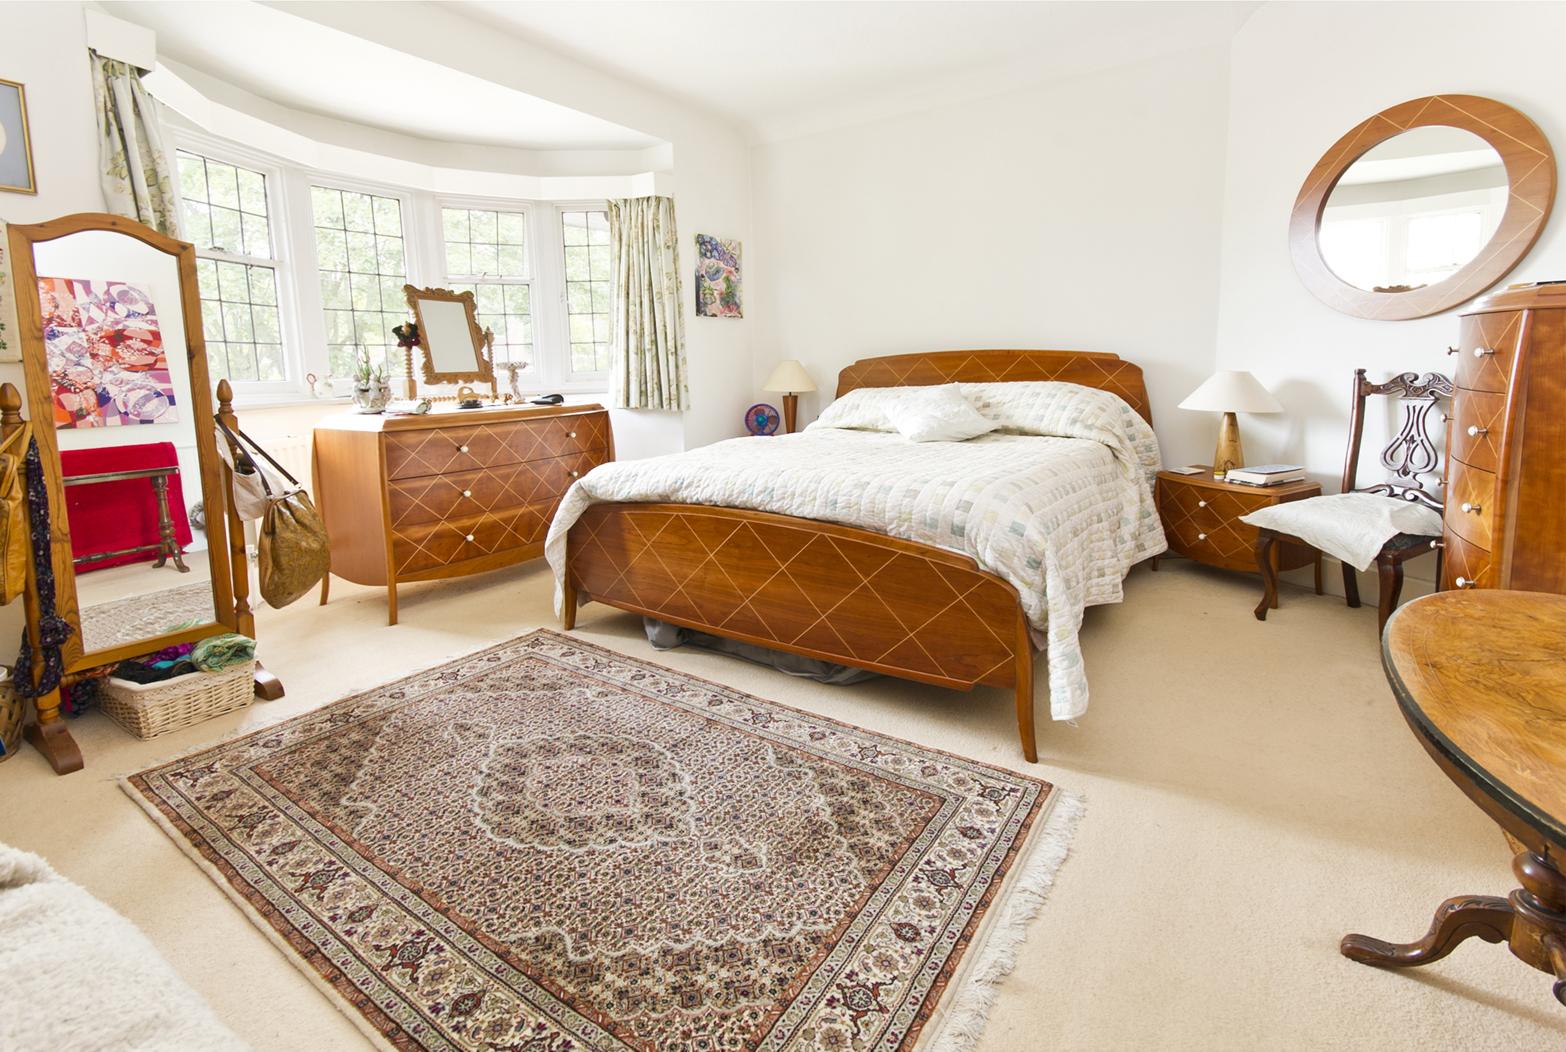 Bedroom interior 2 from Talk Green